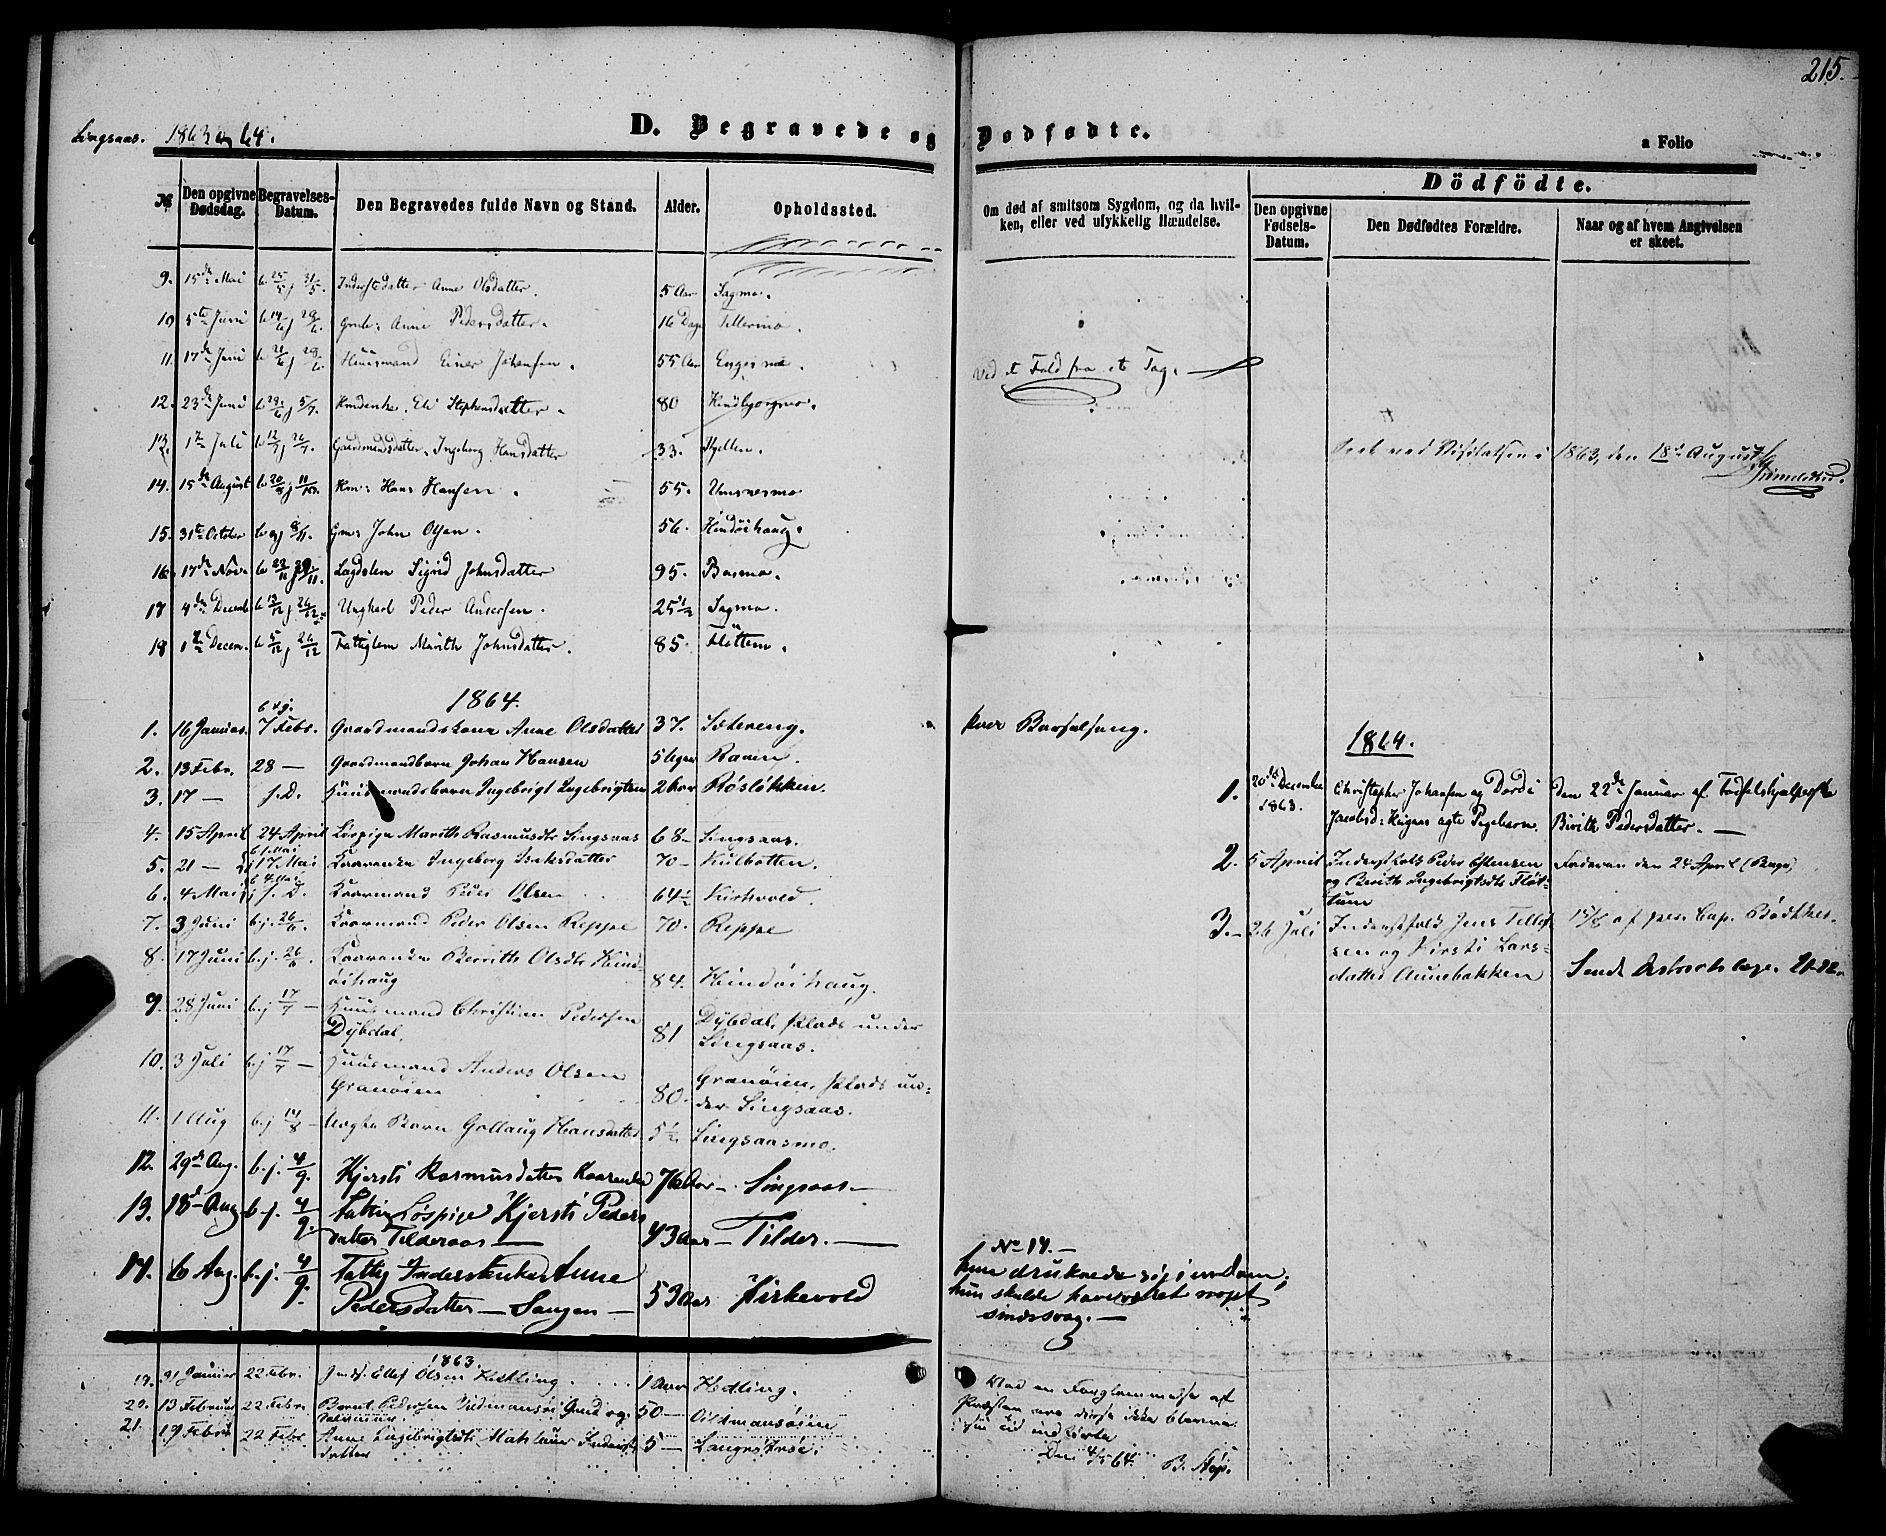 SAT, Ministerialprotokoller, klokkerbøker og fødselsregistre - Sør-Trøndelag, 685/L0967: Ministerialbok nr. 685A07 /2, 1860-1869, s. 215